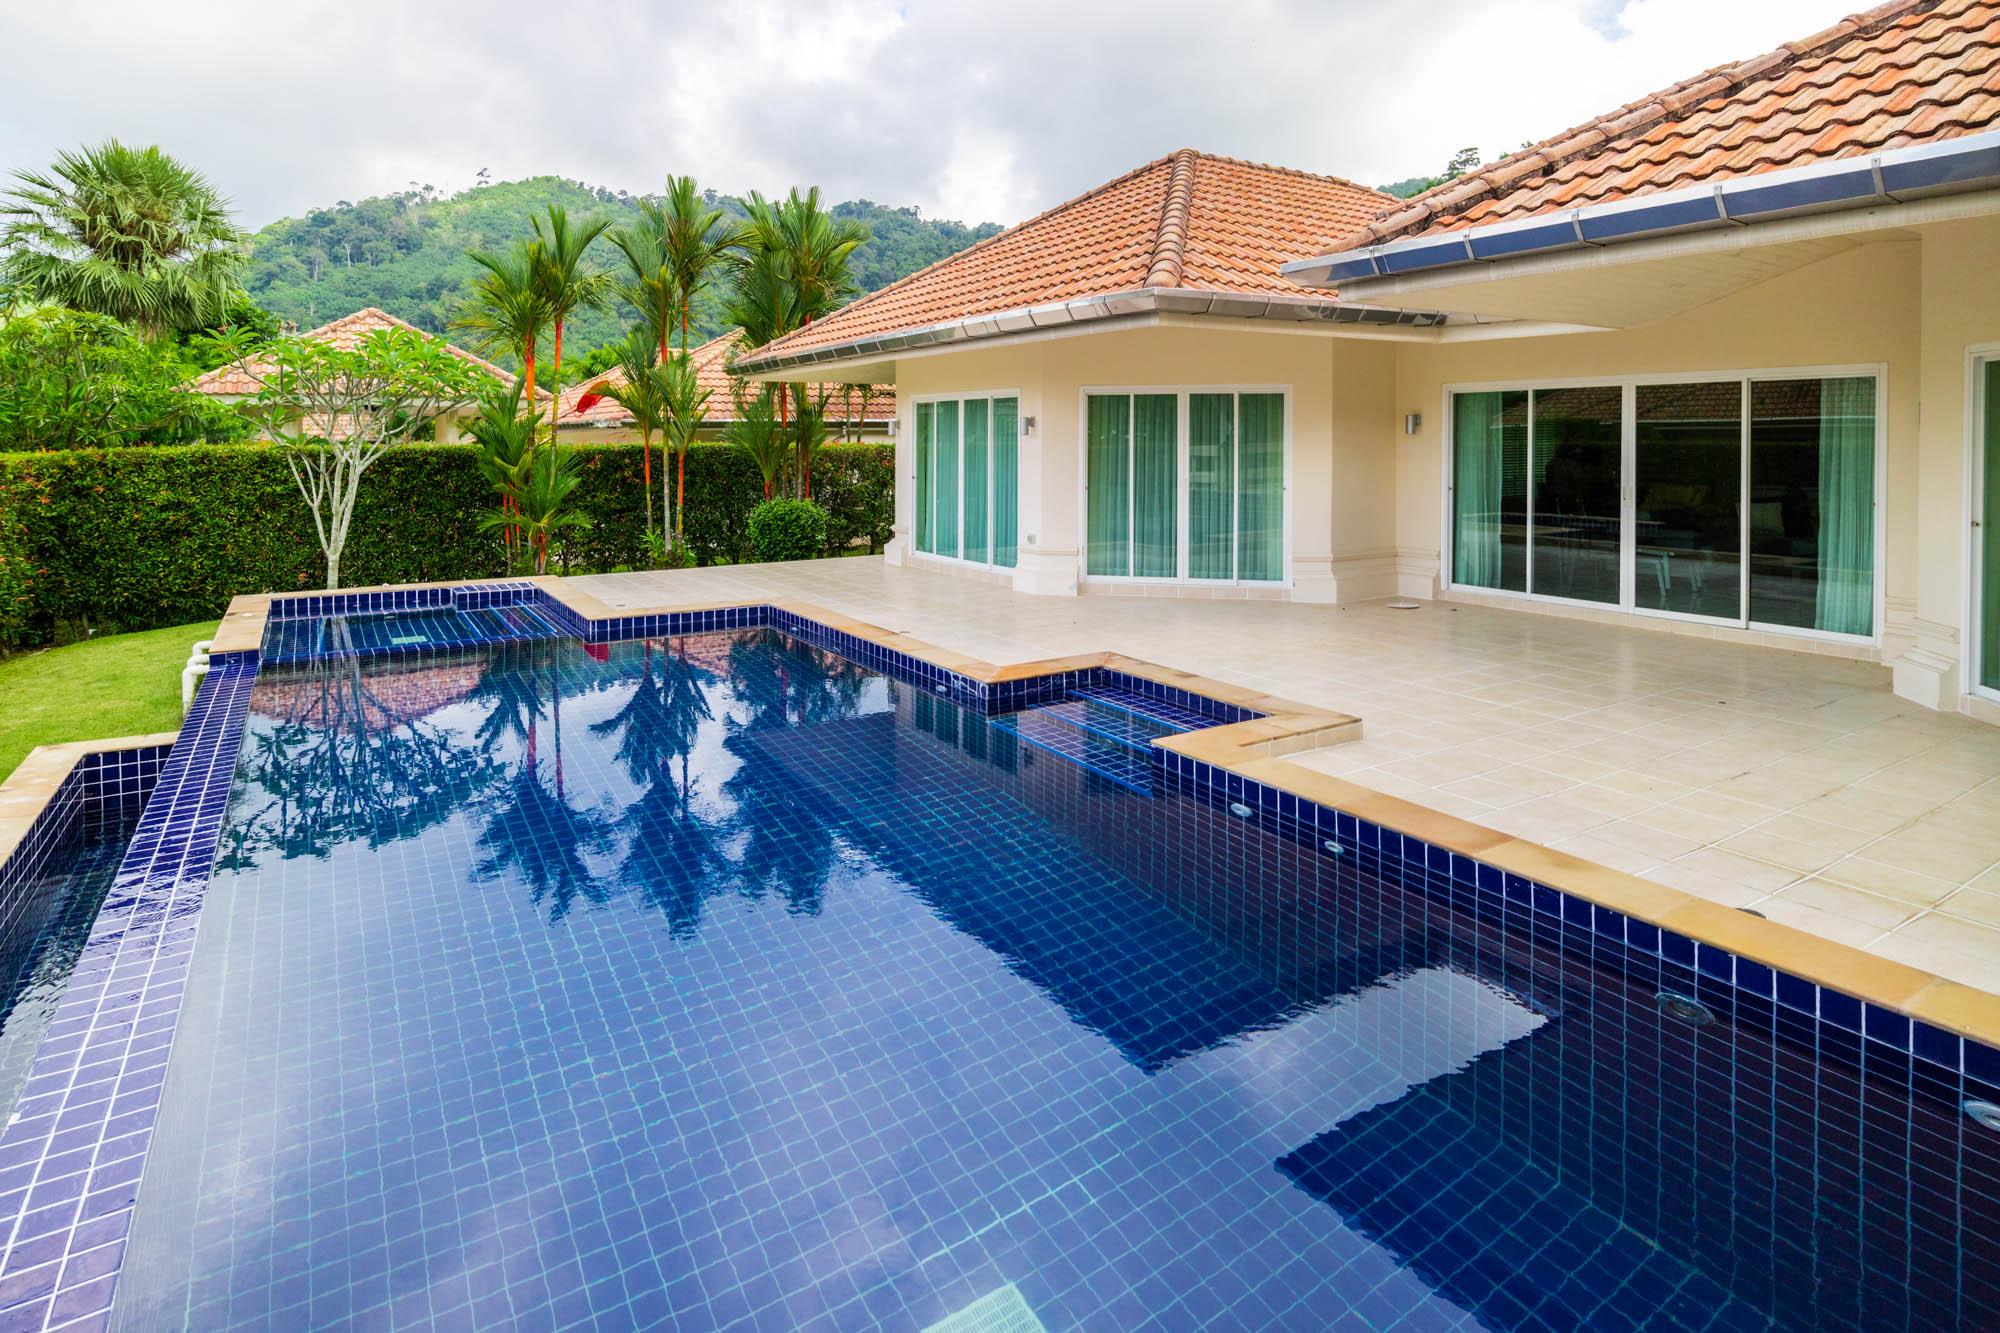 ทินิดี กอล์ฟ รีสอร์ท Tinidee Golf Resort Phuket  Tinidee Phuket ทินิดี กอล์ฟ รีสอร์ท แอท ภูเก็ต IMG 8433